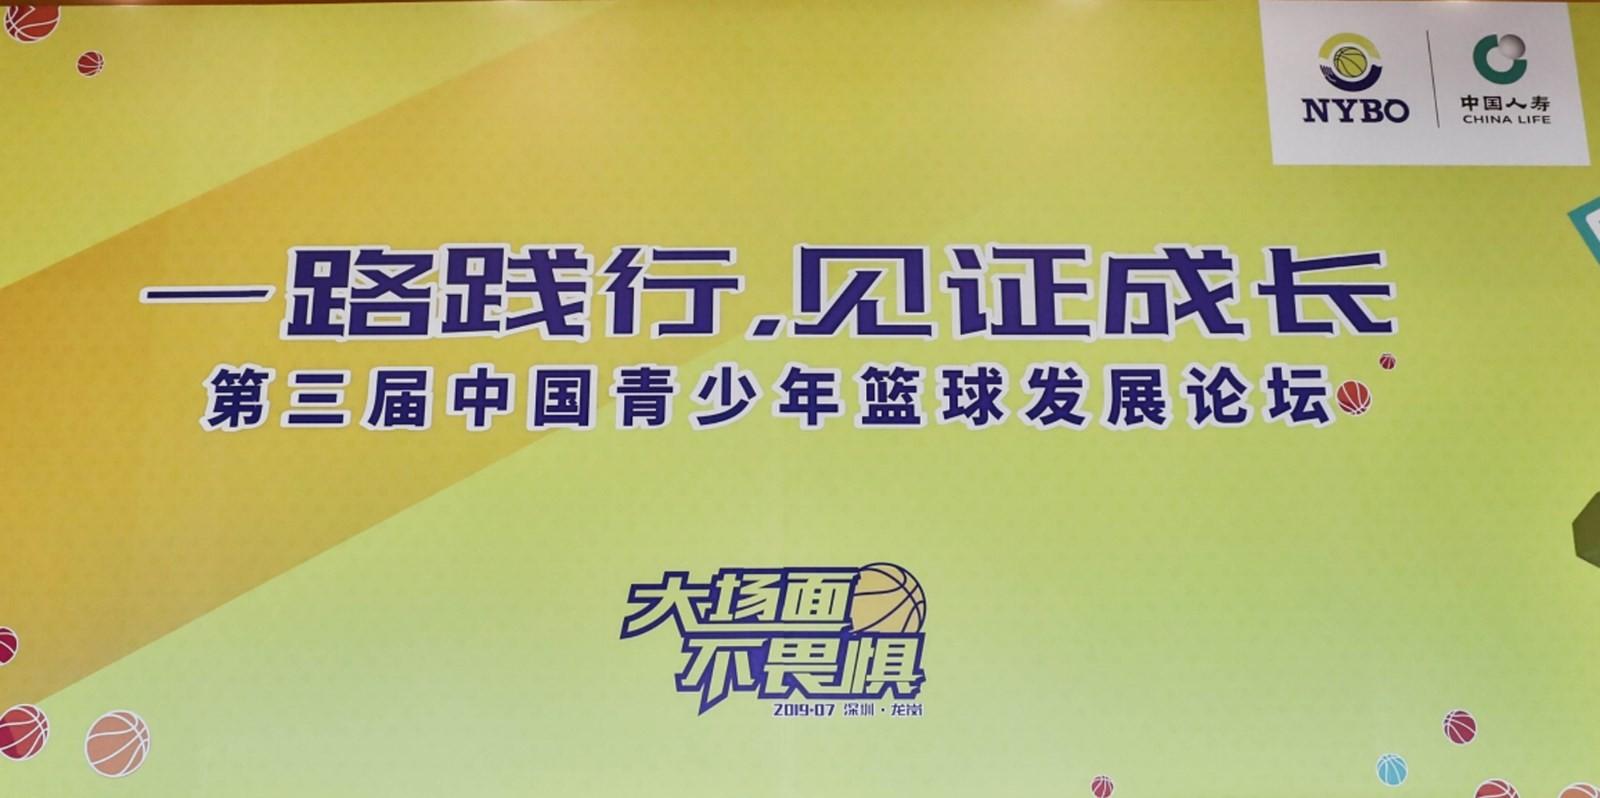 第三届中国青少年篮球发展论坛举办 重大咖探讨青少年篮球赛运营之道